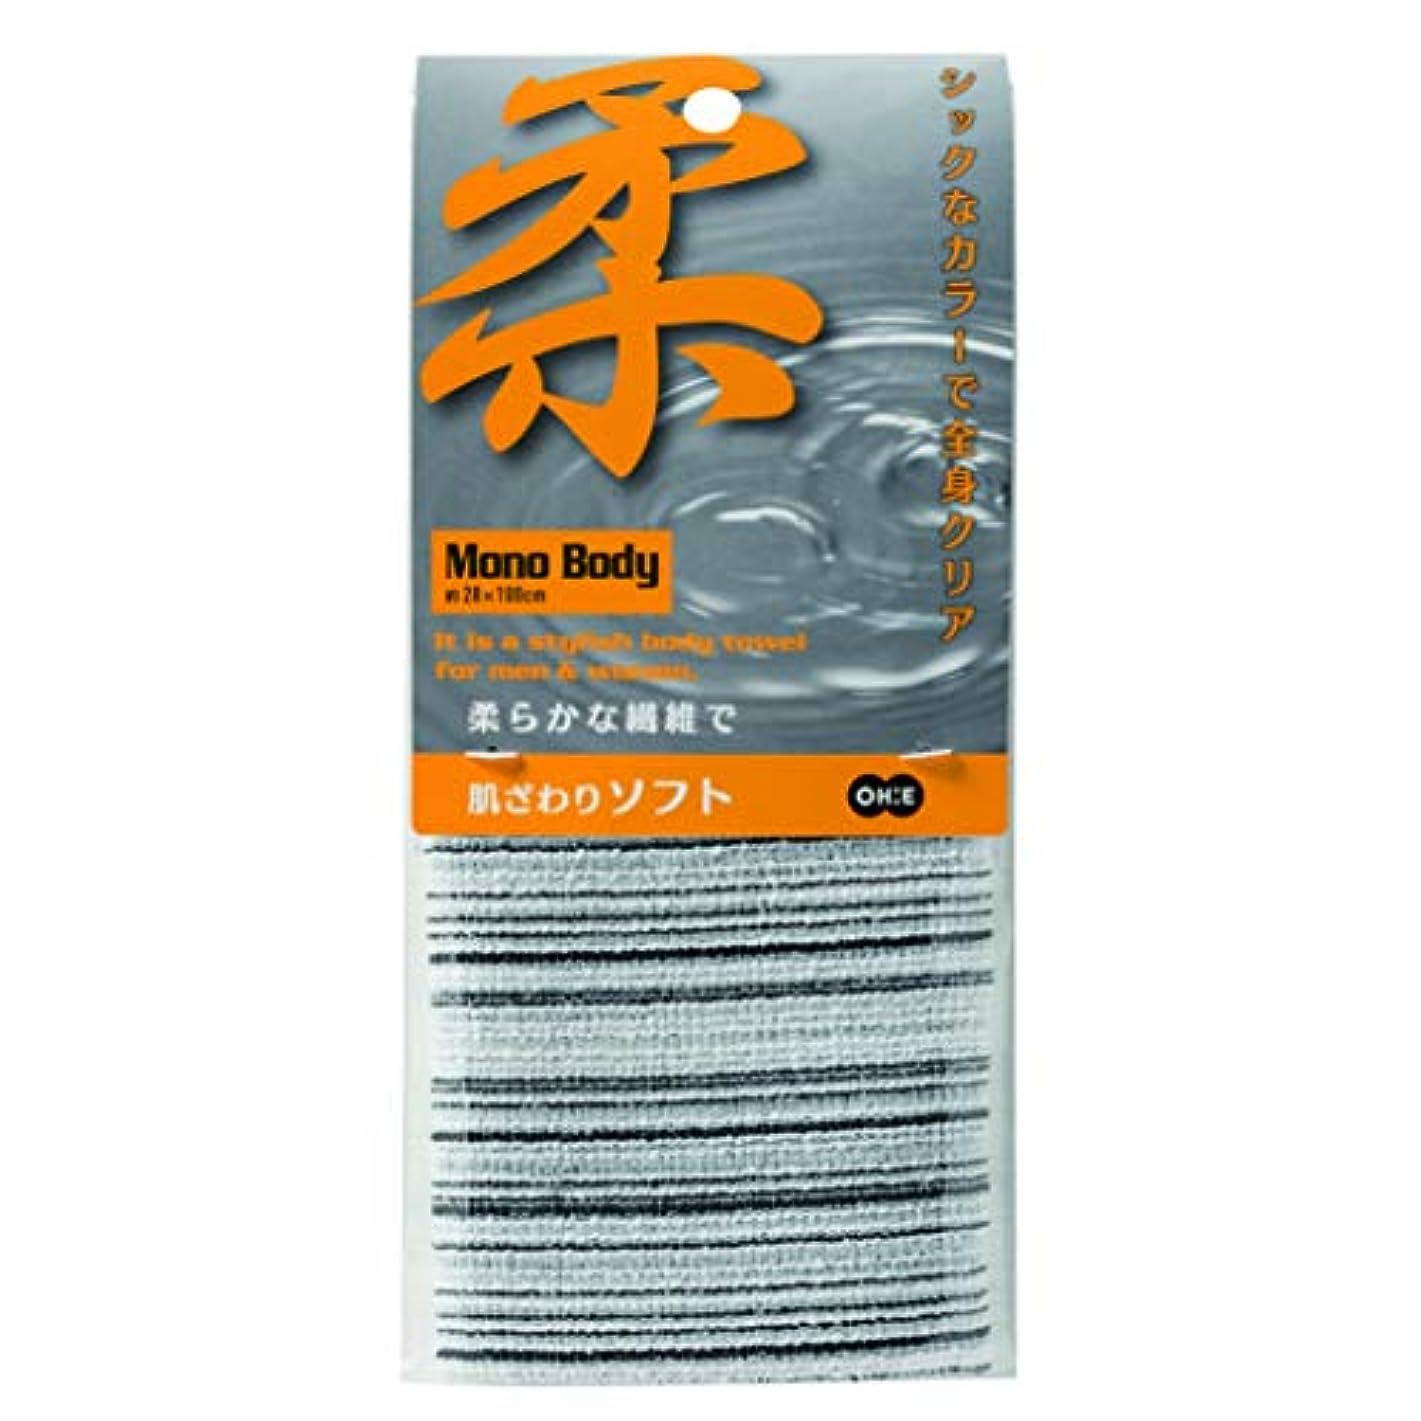 安定した麻痺させる気配りのあるオーエ ボディタオル グレー 黒 約幅28×長さ100cm MB 柔 ソフト ストライプ 体洗い 日本製